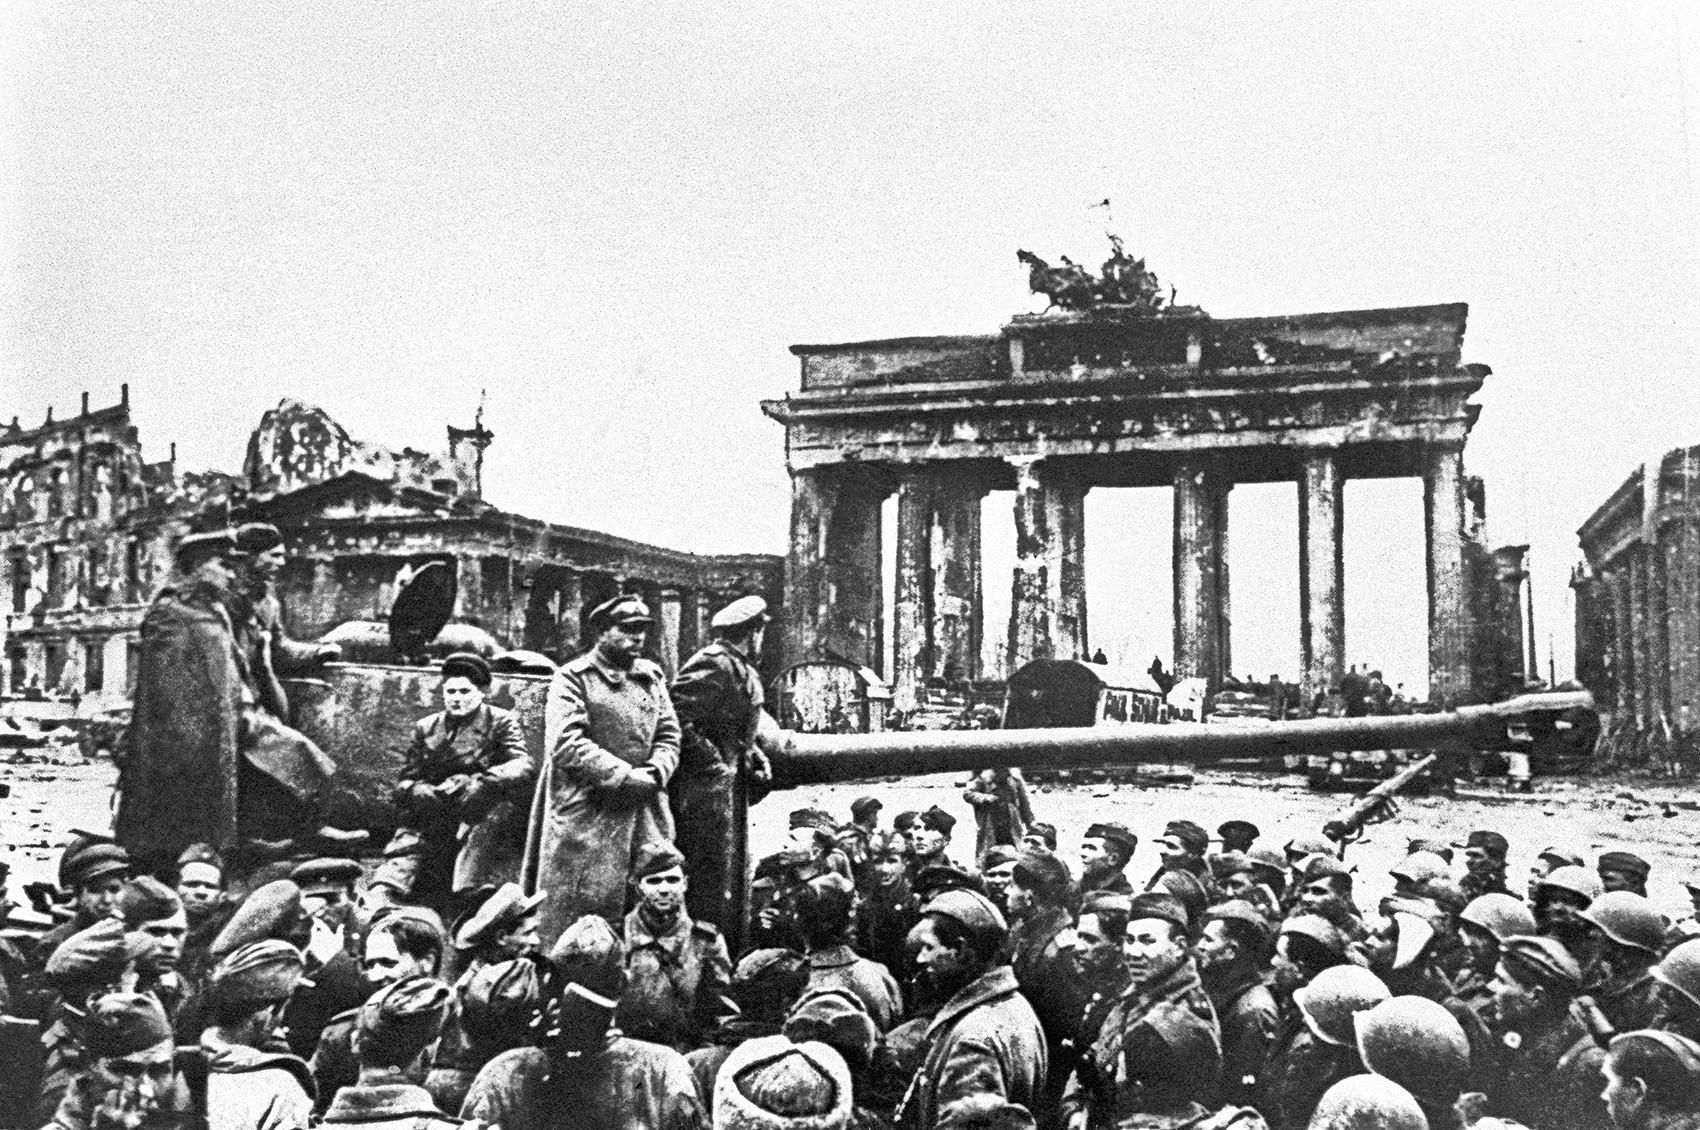 Rijetka fotografija sovjetskih trupa u Berlinu, svibanj 1945.